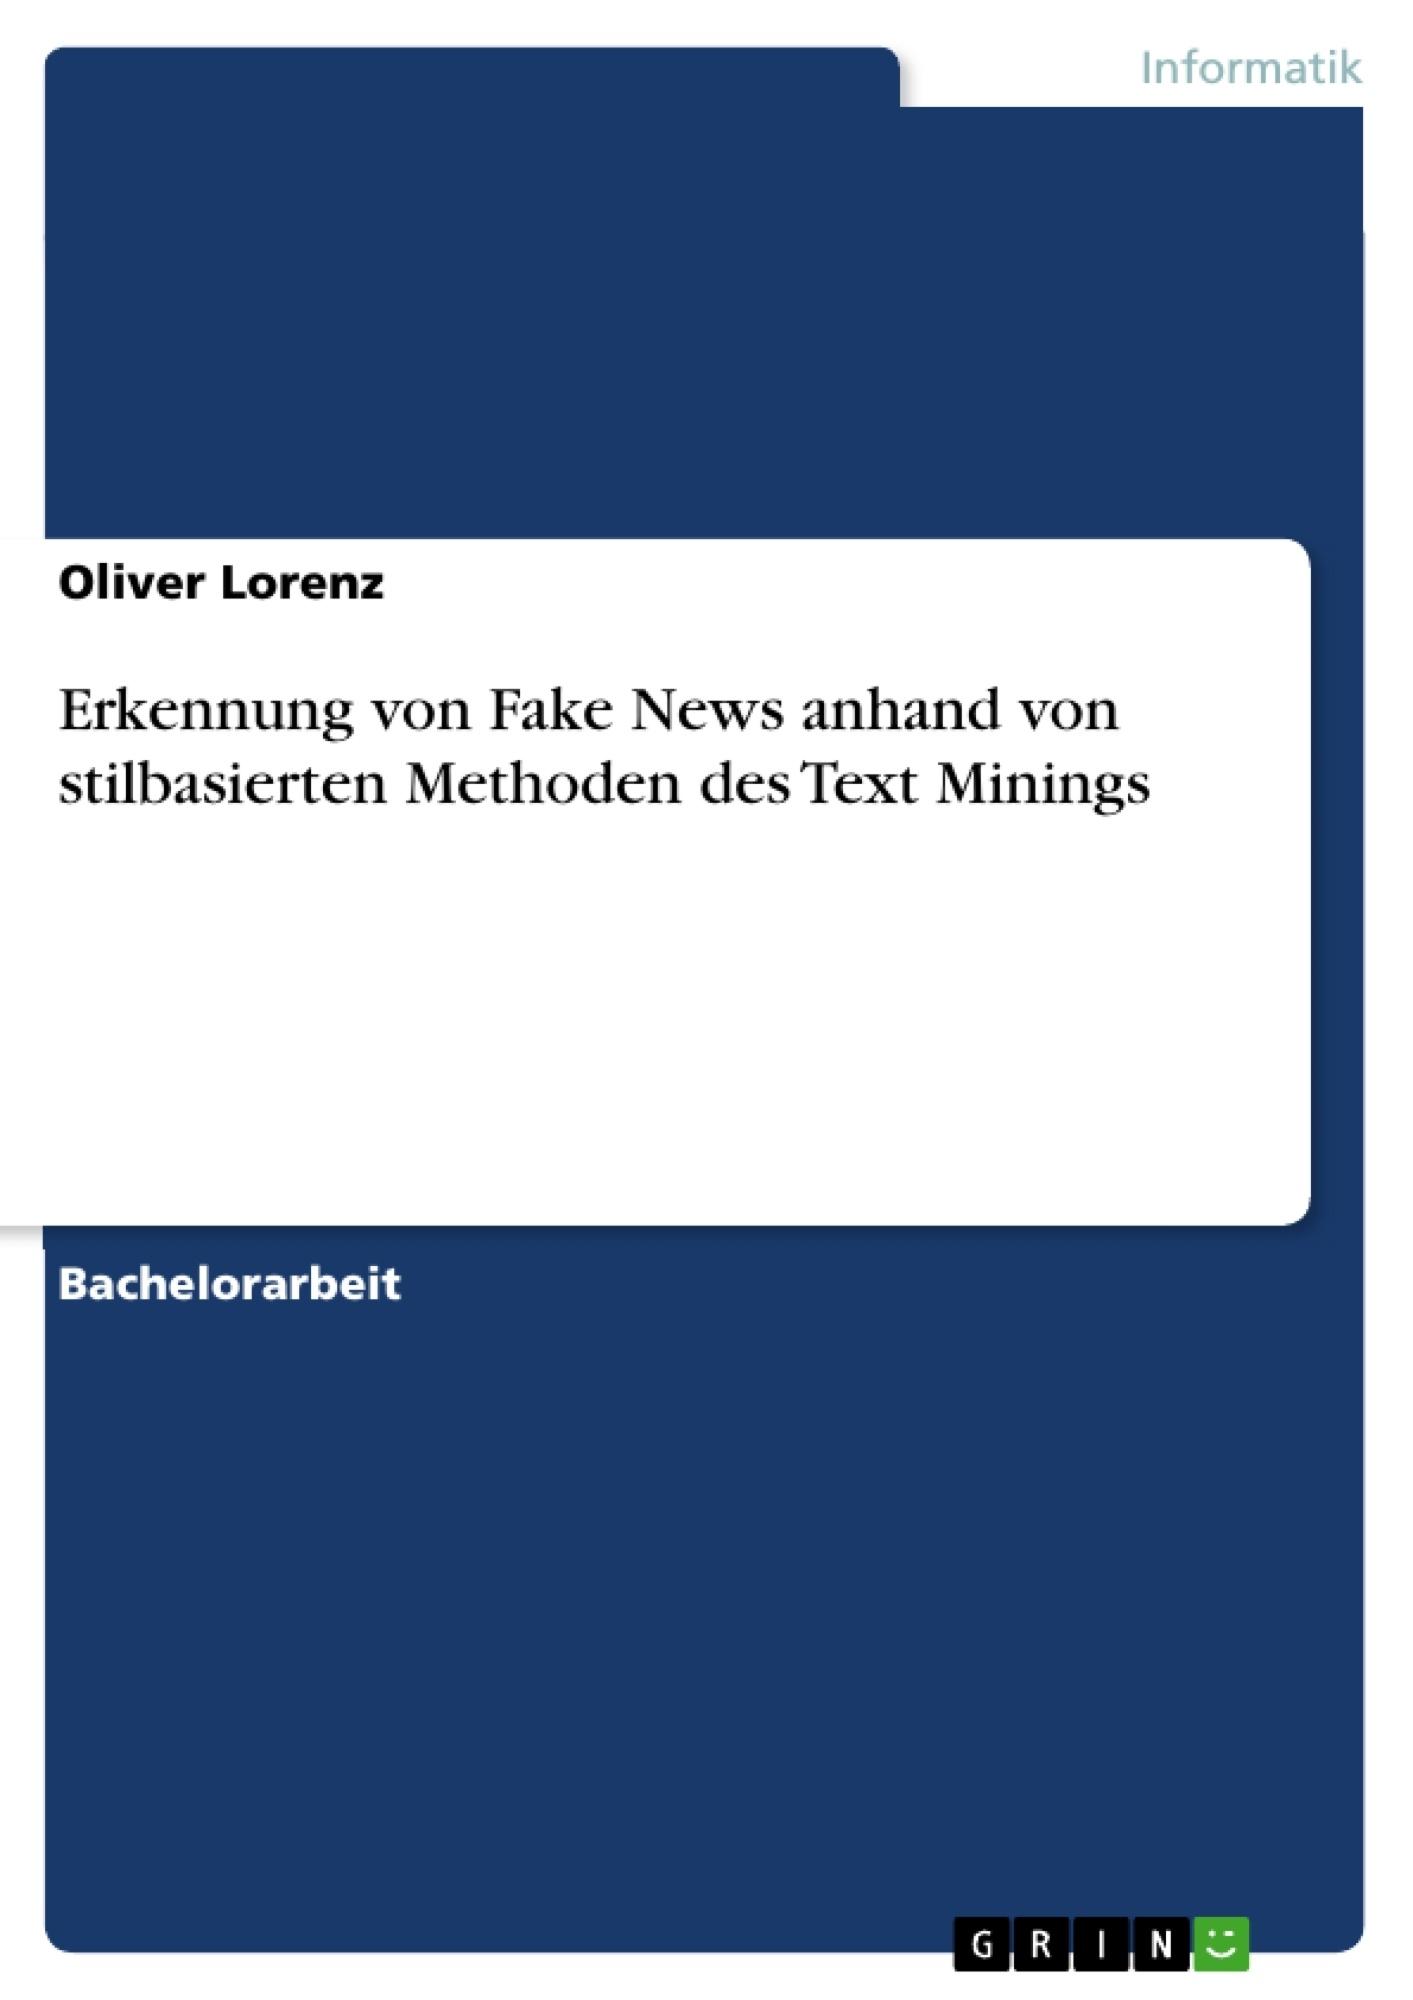 Titel: Erkennung von Fake News anhand von stilbasierten Methoden des Text Minings